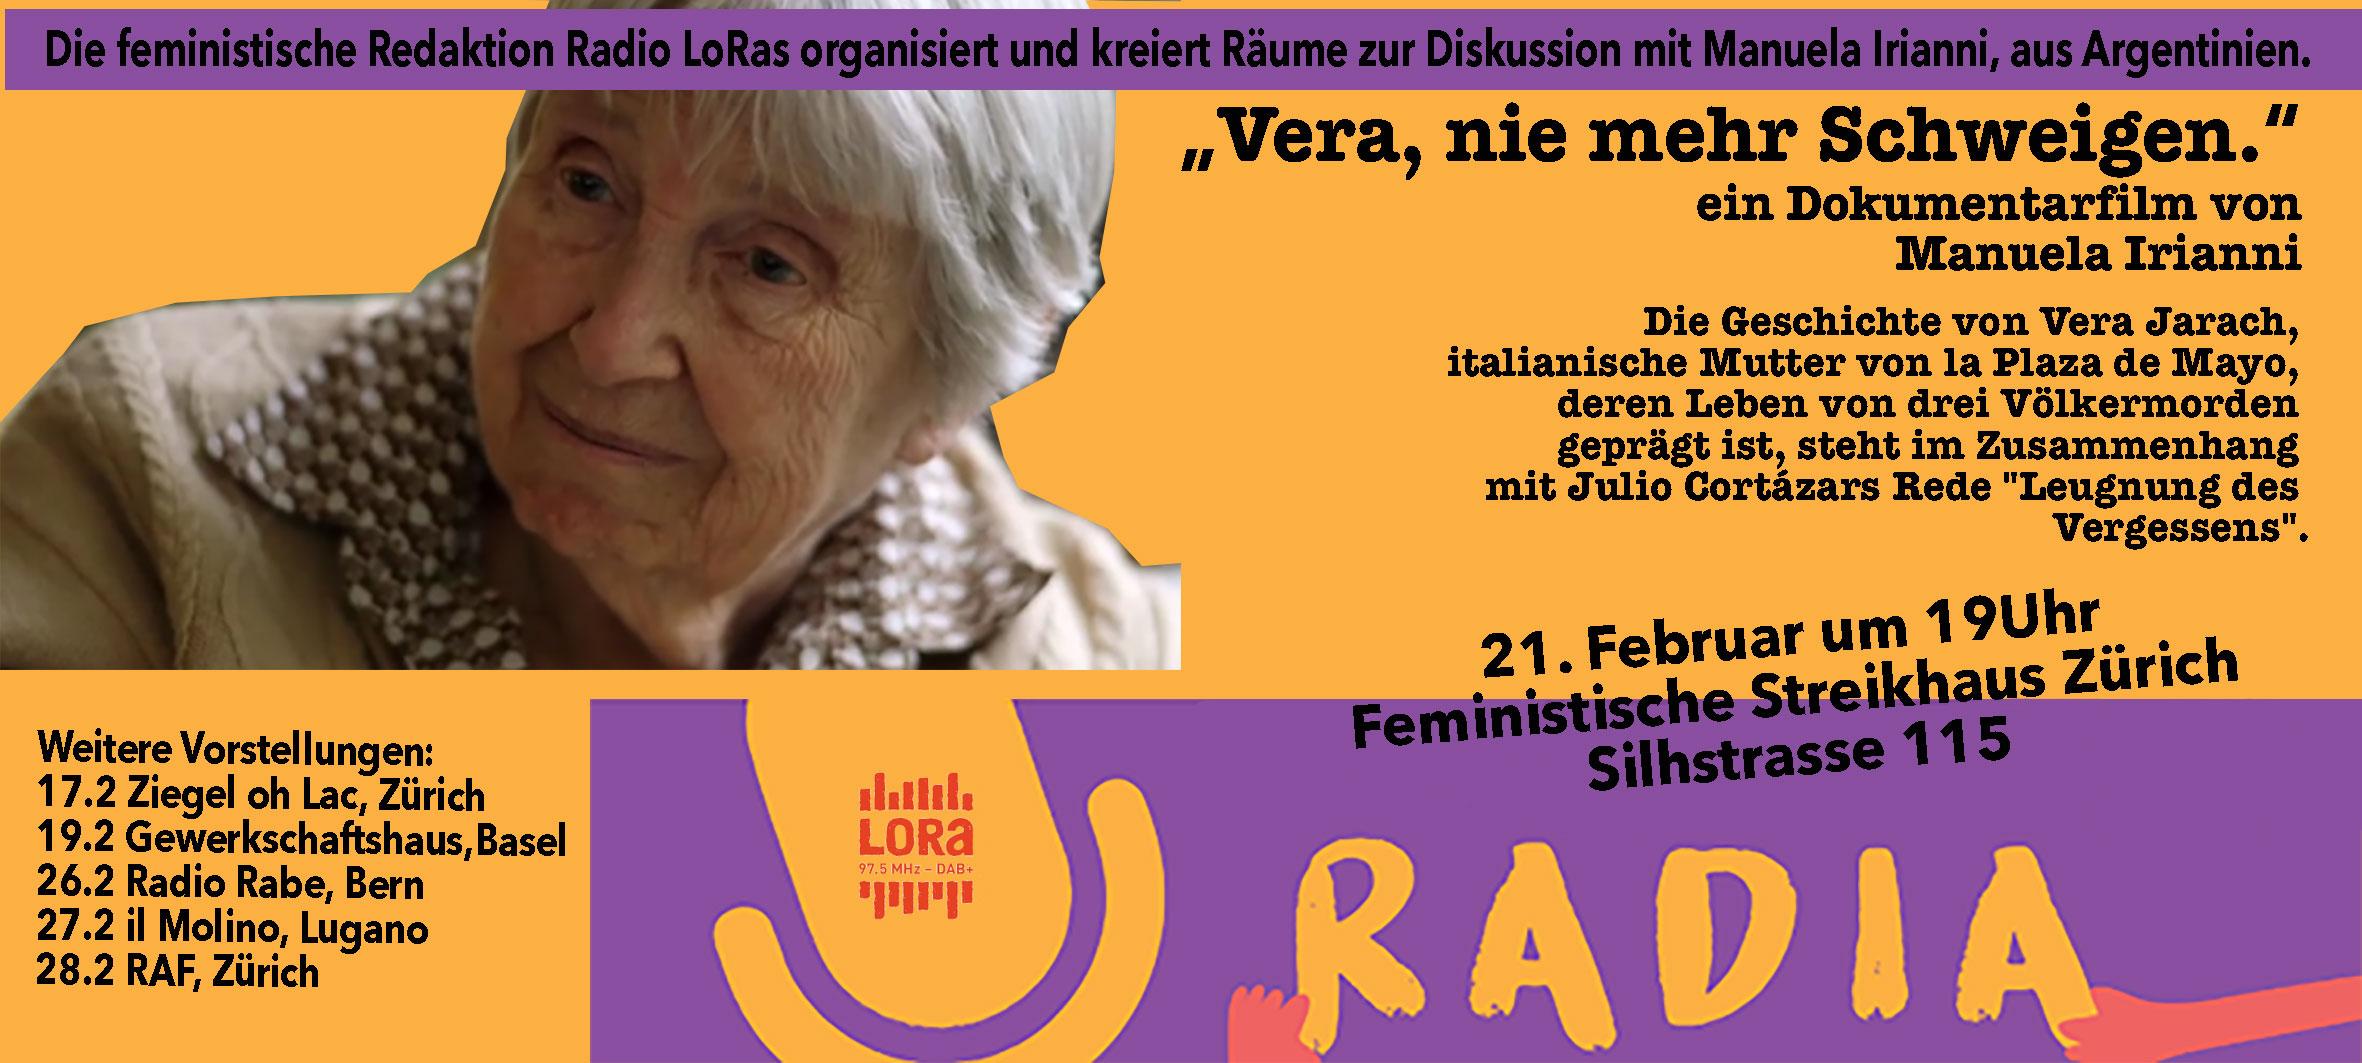 27.02.2020 - CineMolino: Vera, mai più silenzio